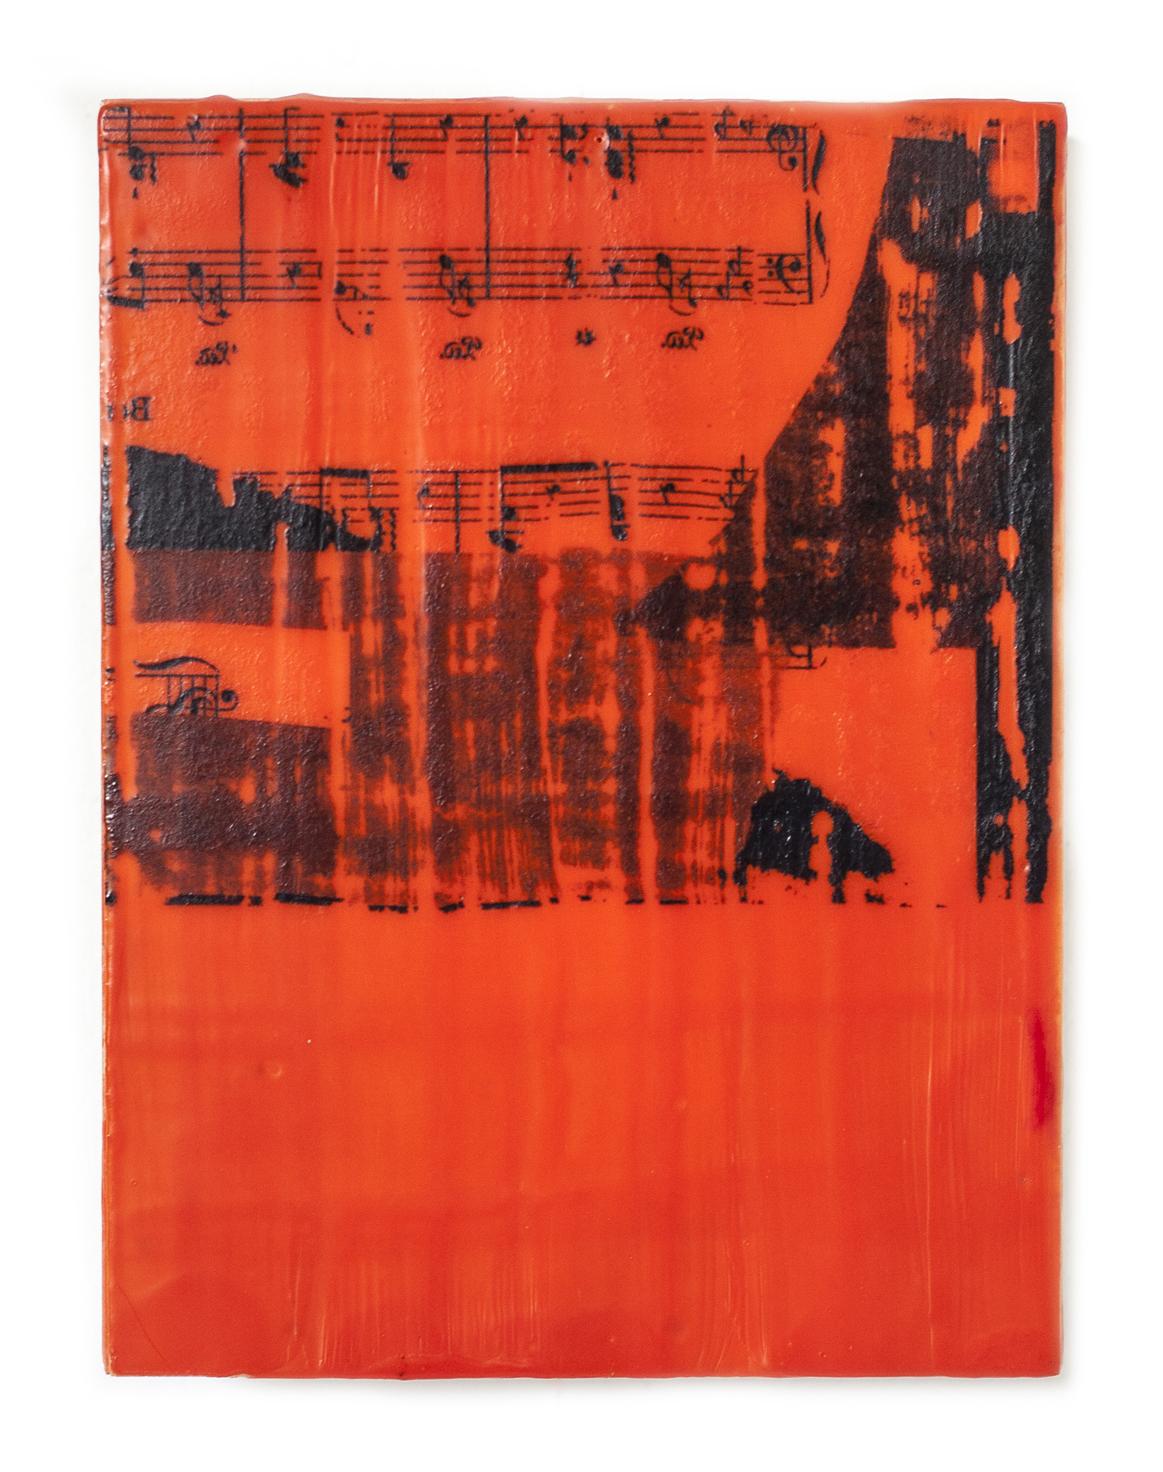 Dal segno orange